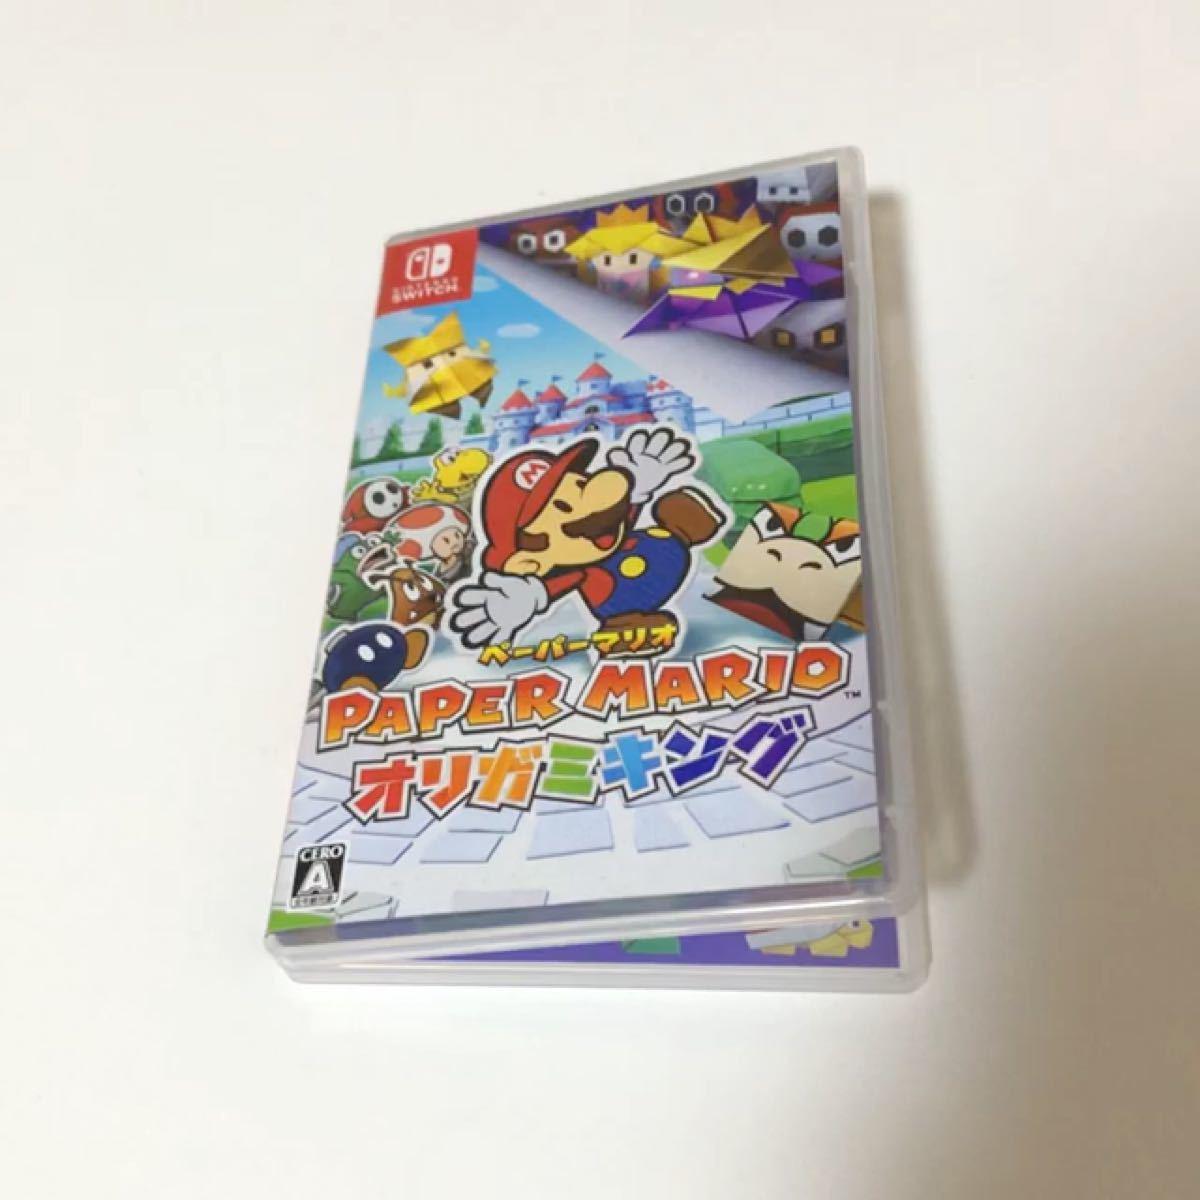 Nintendo Switch スイッチソフト オリガミキング ペーパーマリオ マリオ オリガミ おりがみ ニンテンドー 任天堂